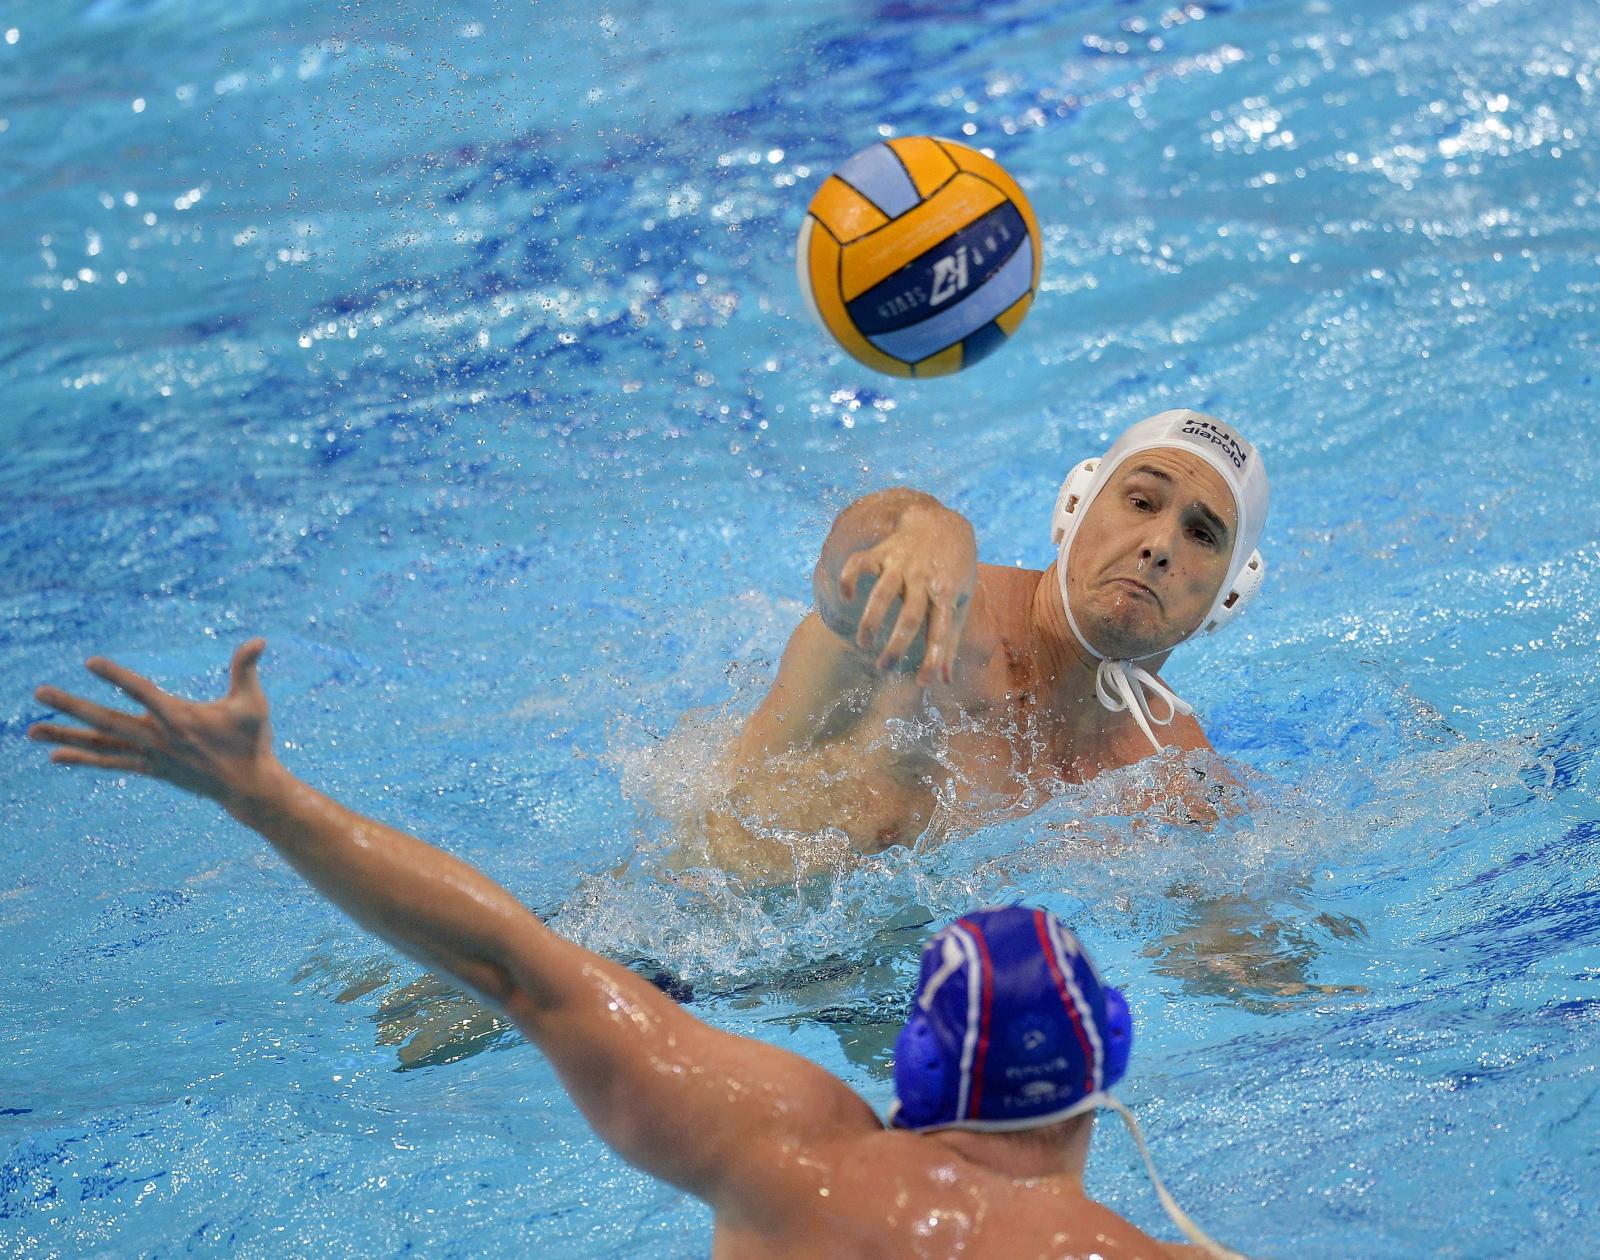 Mistrzostwa Europy w waterpolo w Budapeszcie, Węgry Fot. PAP/EPA/BALAZS CZAGANY